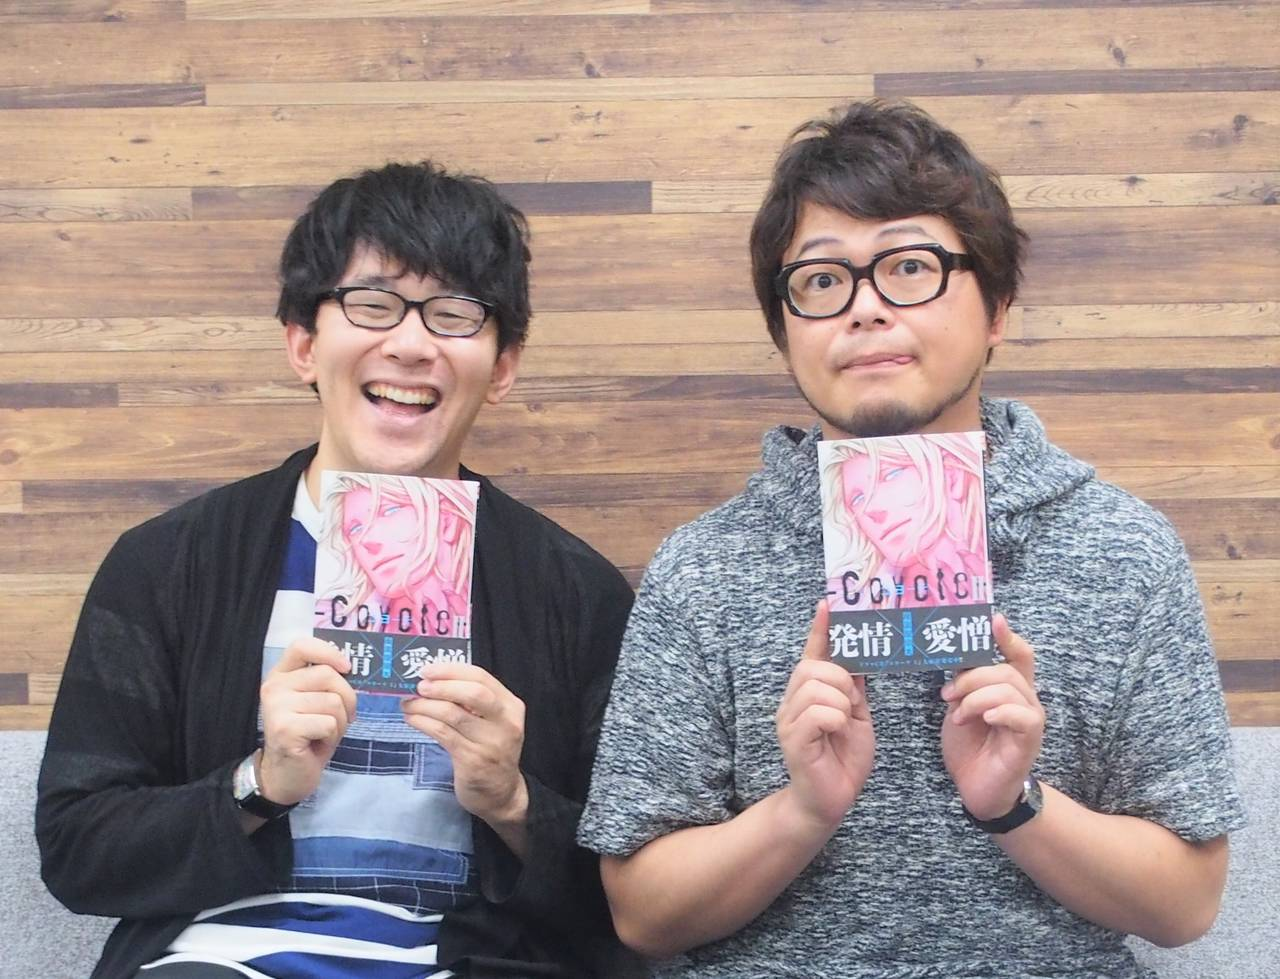 小野友樹&興津和幸、人気BLコミックスのドラマCD『コヨーテ Ⅱ』収録後インタビューが公開!